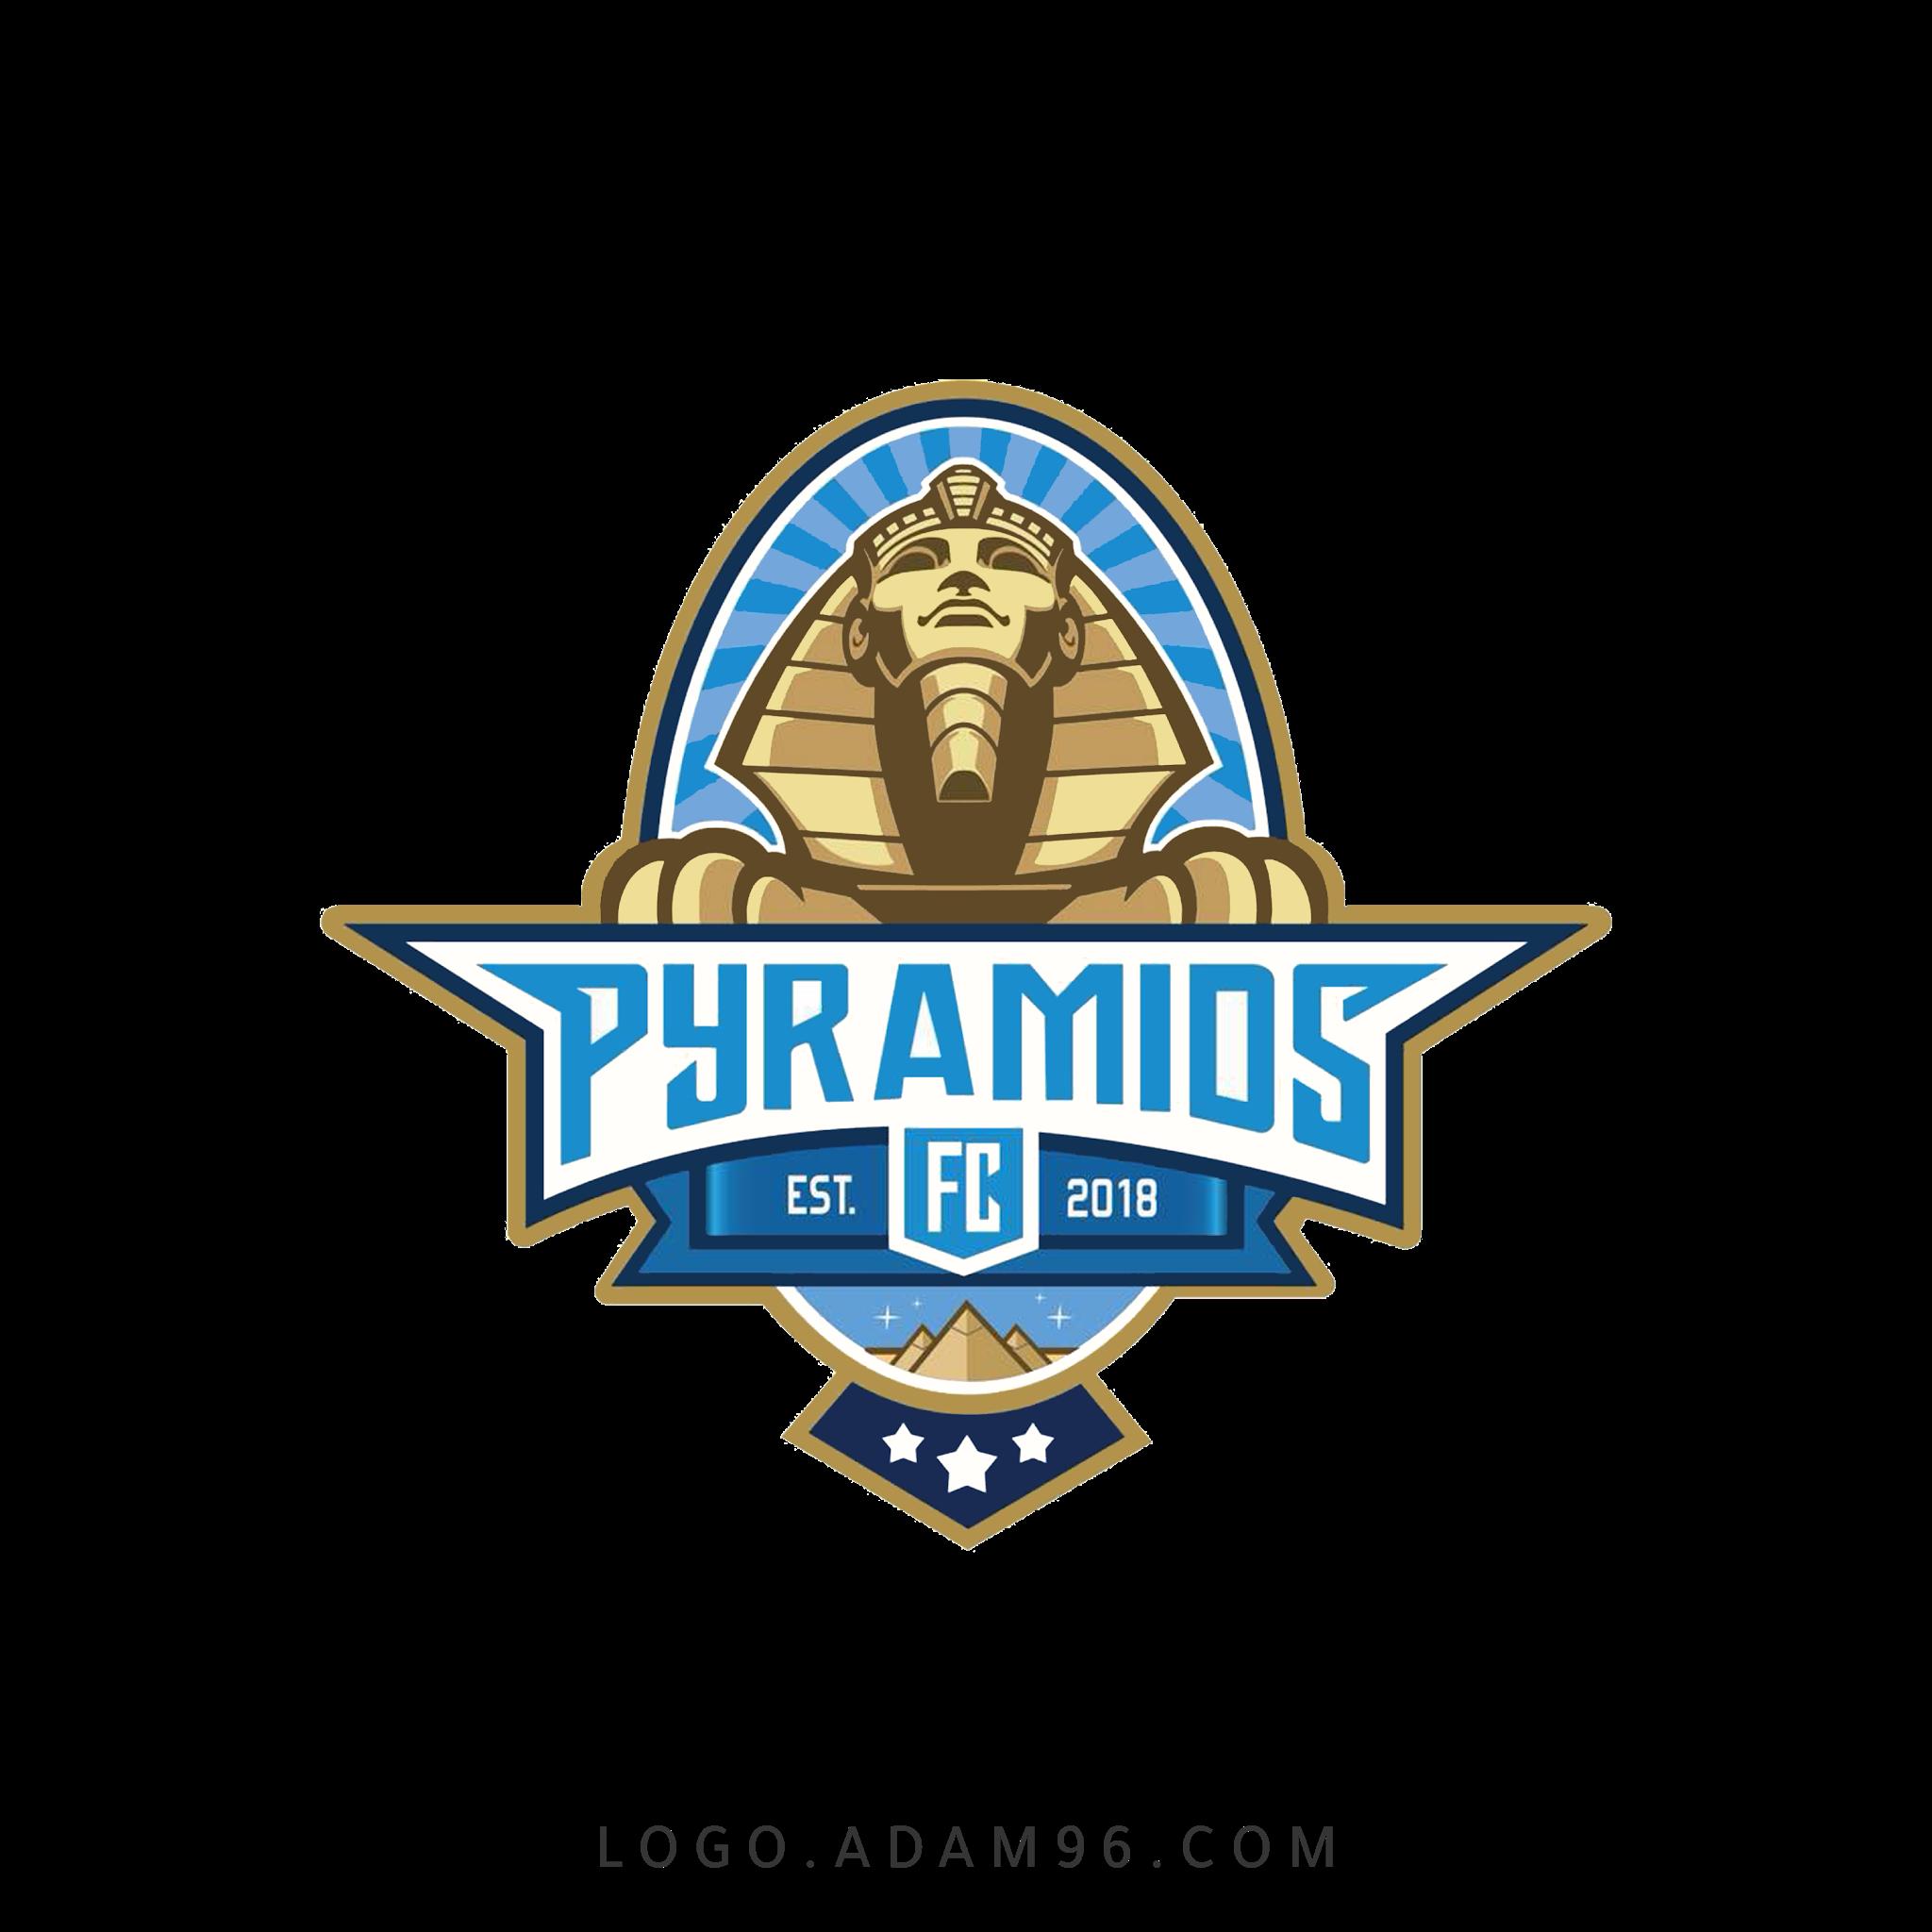 تحميل شعار بيراميدز لوجو نادي الأهرام سبورت بصيغة شفافة PNG